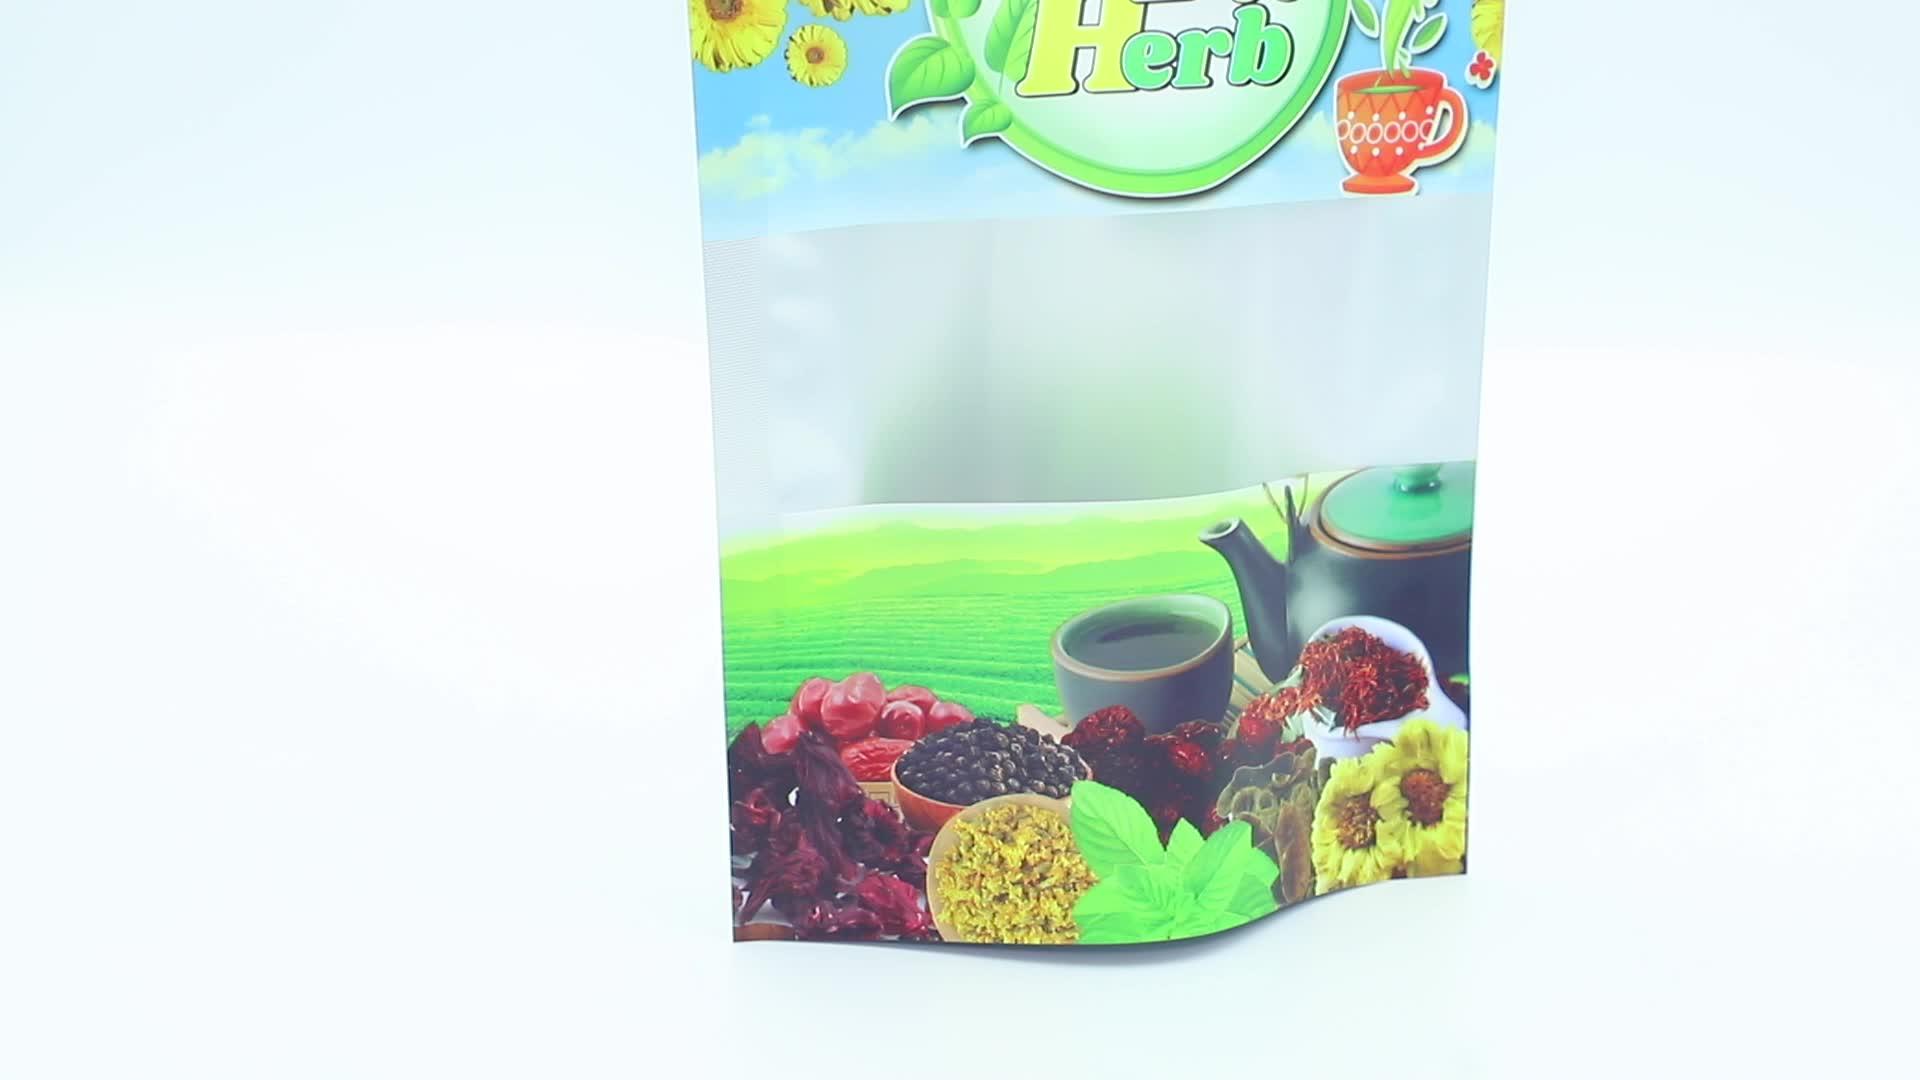 מותאם אישית צבעוני משולש בצורת פלסטיק שקיות ממתקי מזון שונה צורת אריזת תיק